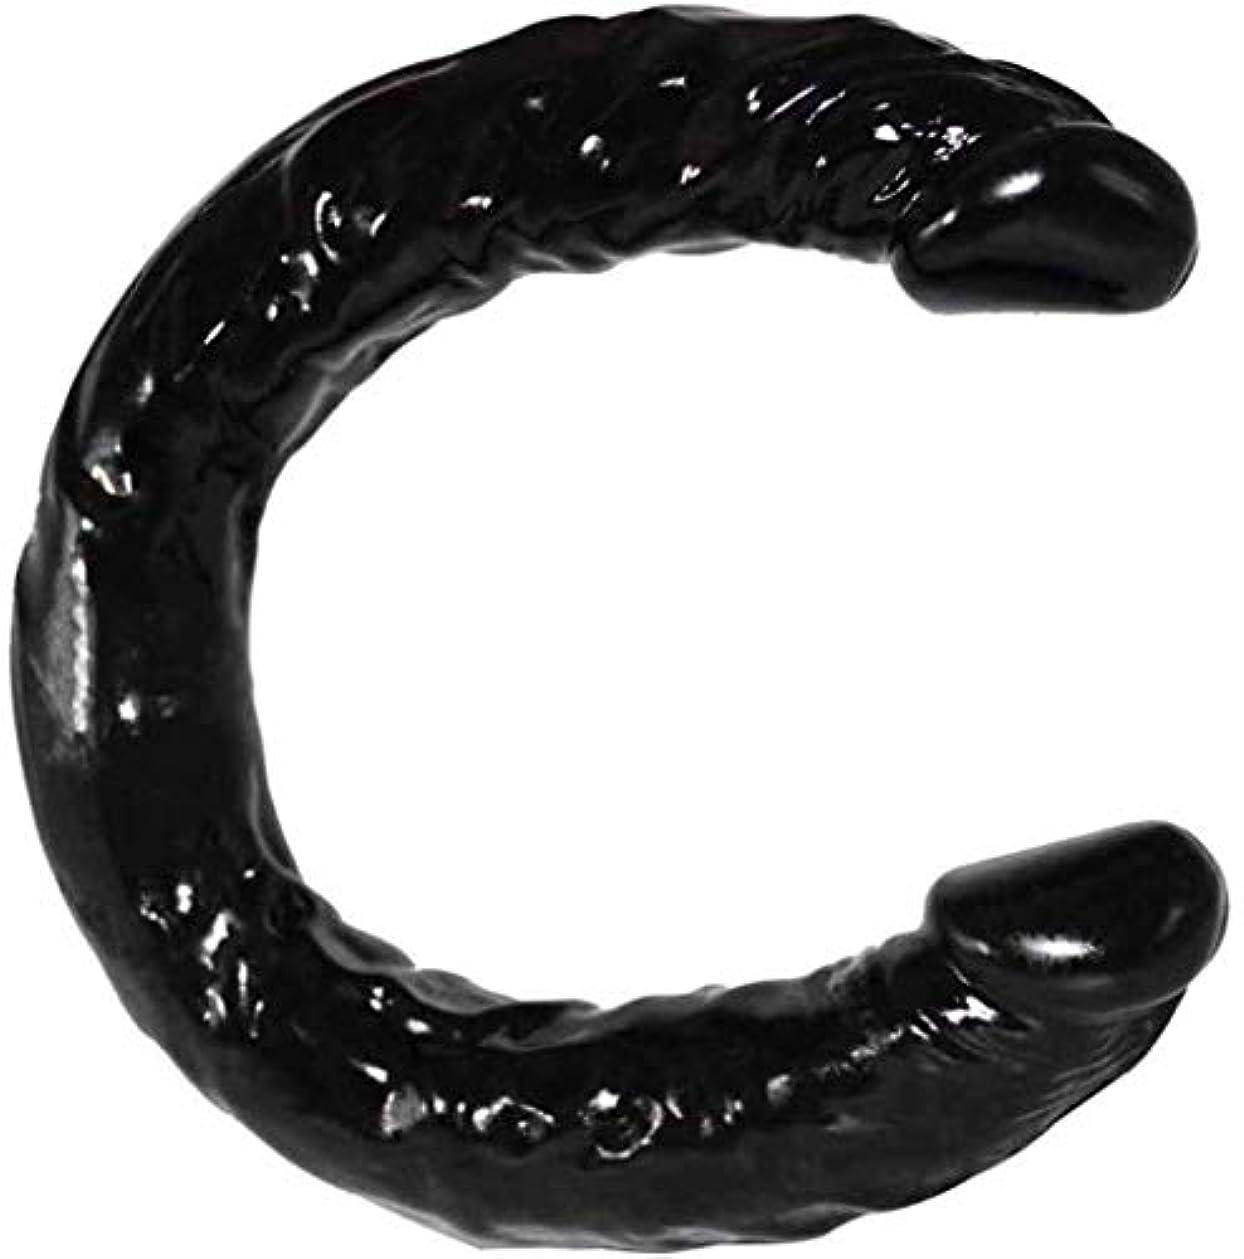 大胆聖歌やけどハンドヘルドポータブル模擬玩具柔軟な振動が大型玩具ブラックカラーPVC素材をスラスト